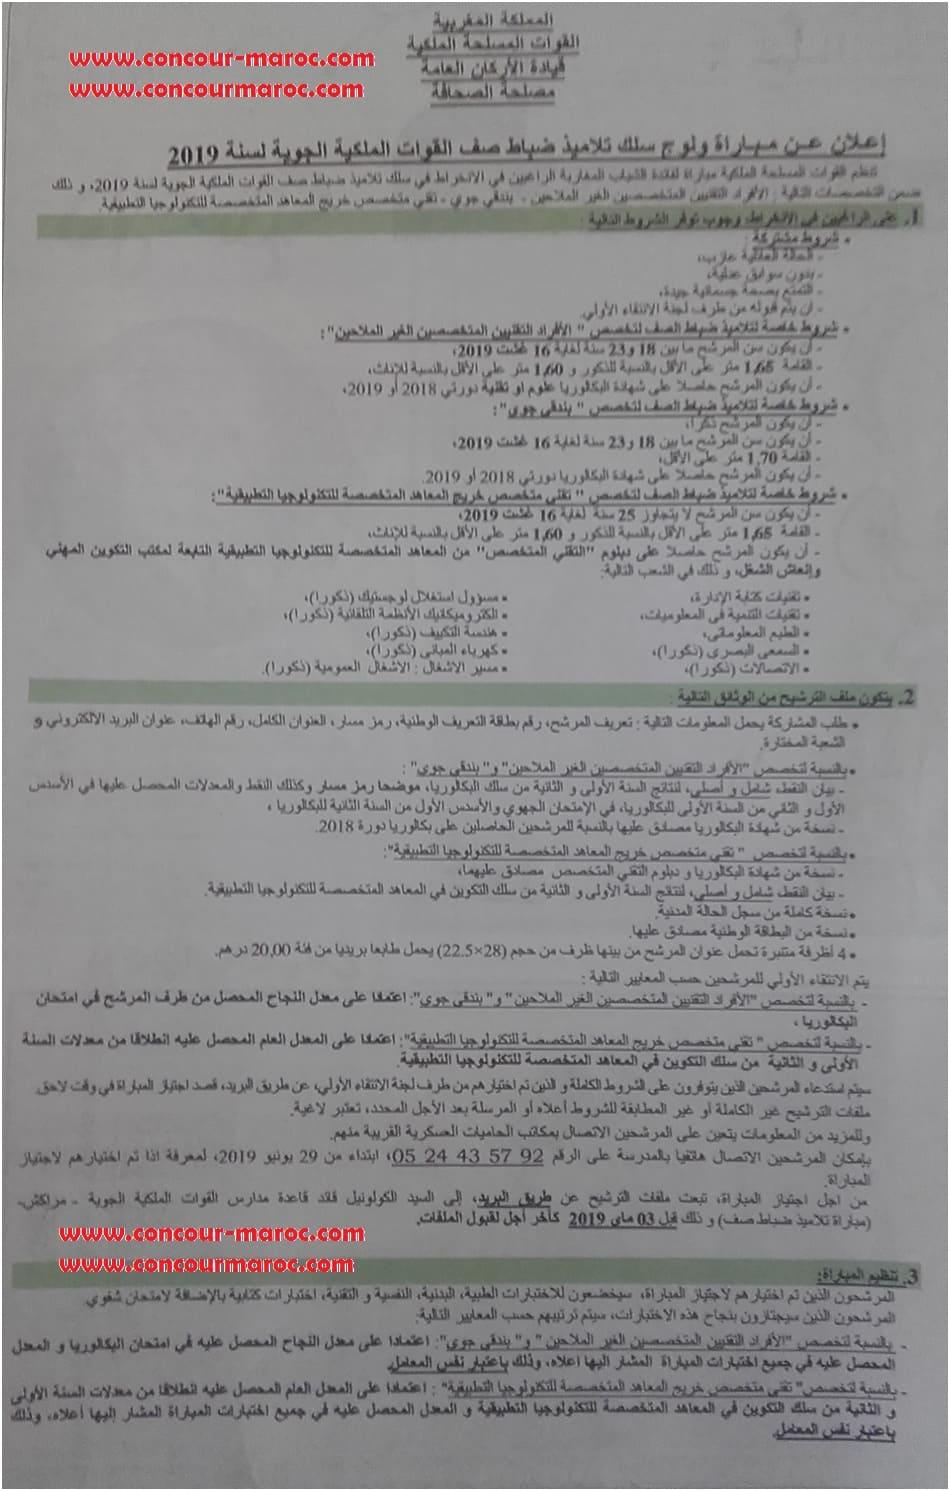 اعلان باللغة العربية القوات الملكية الجوية مباراة لتوظيف تلاميذ ضباط الصف افراد التقنيين المتخصصين الغير الملاحين و بندقي جوي و خريجي تقني متخصص آخر أجل 3 ماي 2019 Concou70